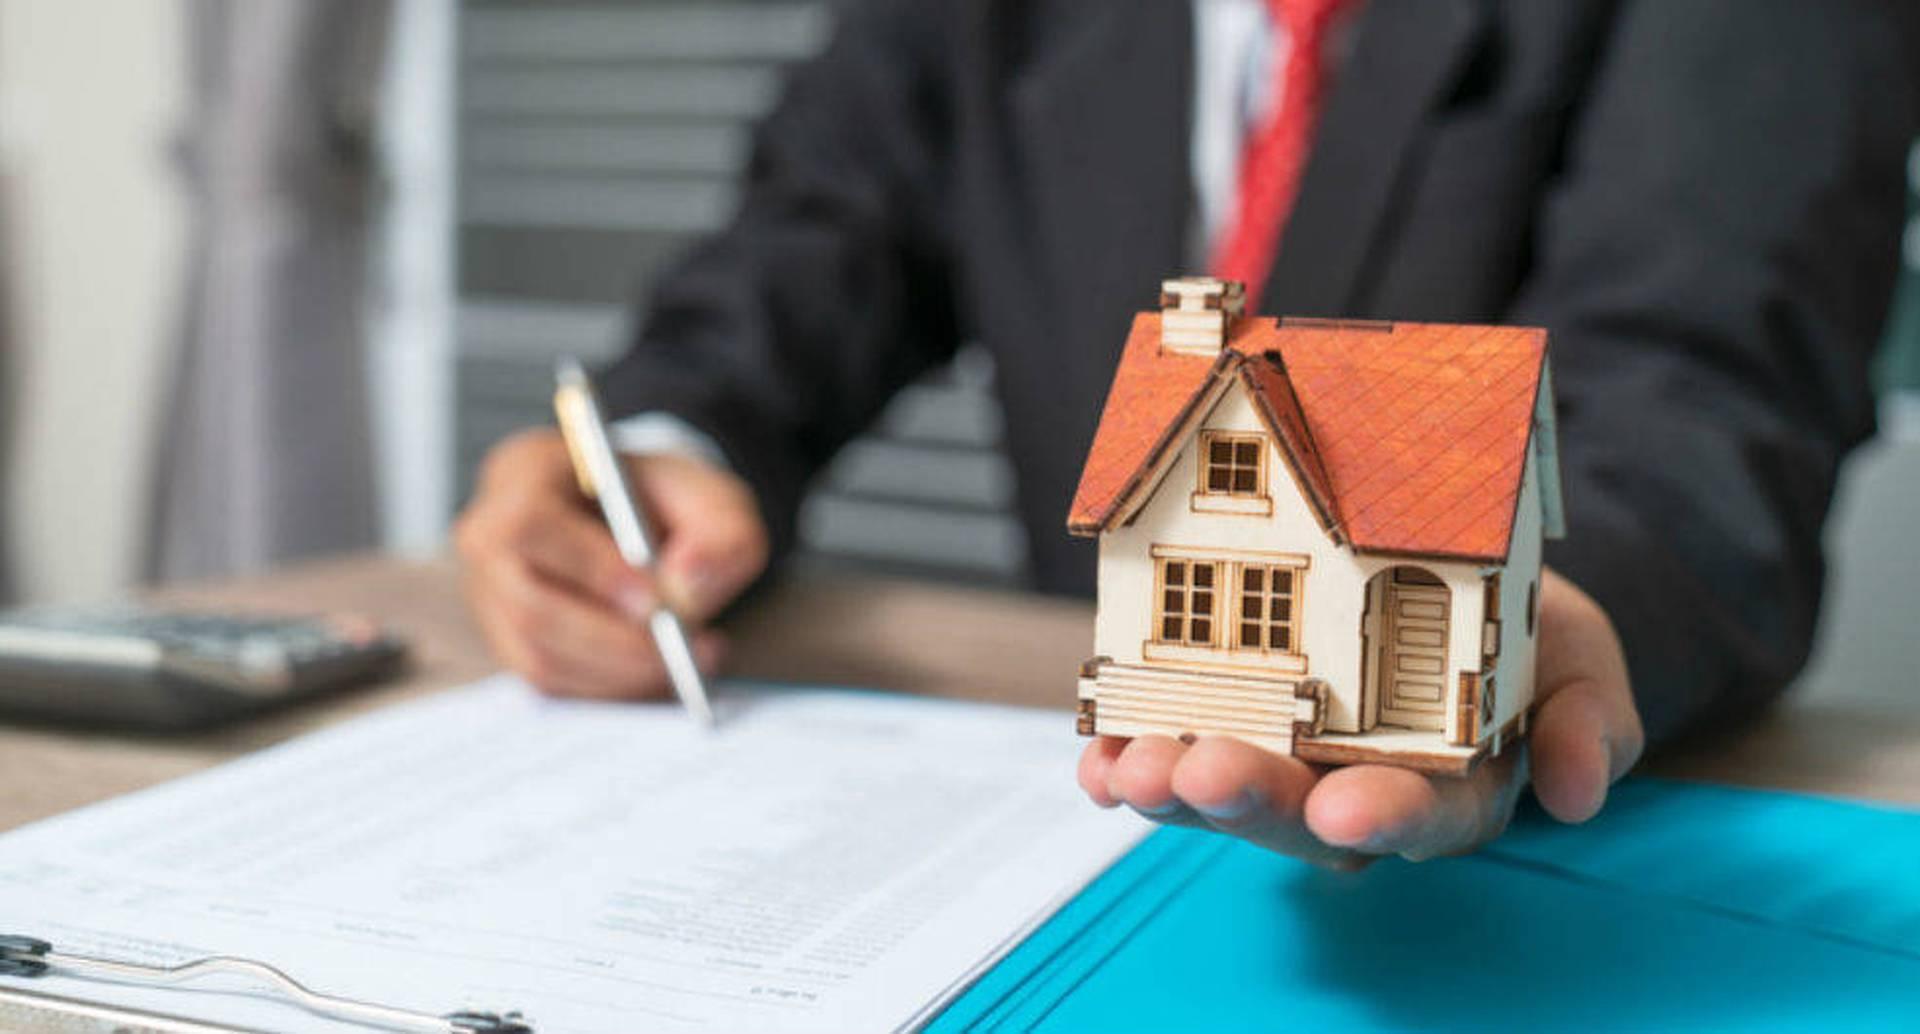 Comprar vivienda es una alternativa para adquirir patrimonio. GETTY